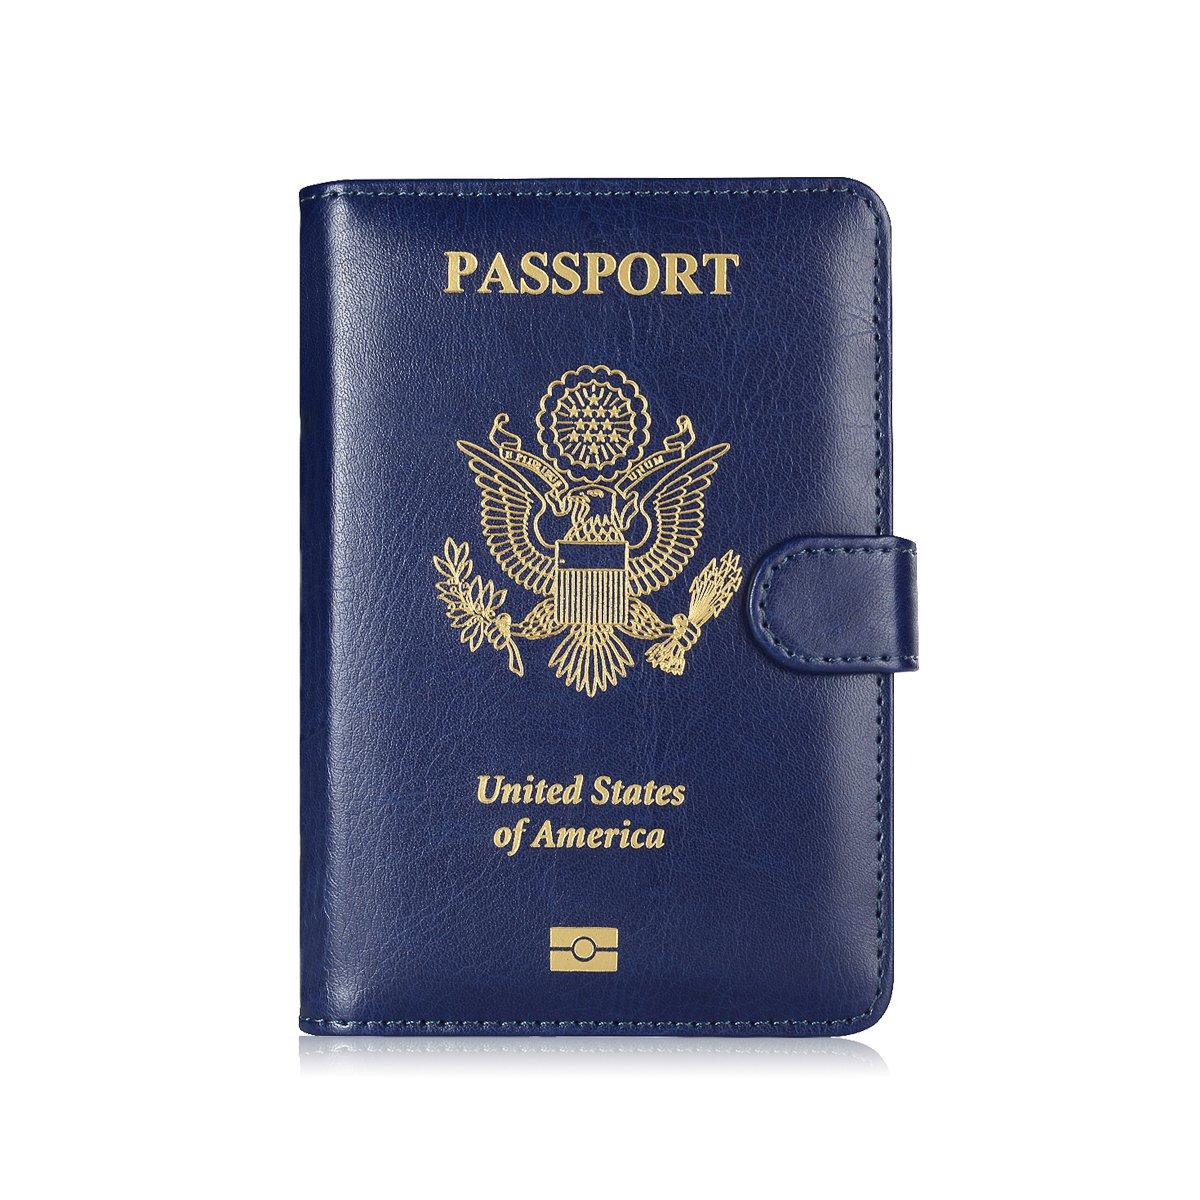 Maxjoy Leather Passport Holder, Passport Book Cover, Passport Wallet for Men/Womem, RFID Blocking Travel Passport Wallet Card Organizer passport case, Blue by Maxjoy